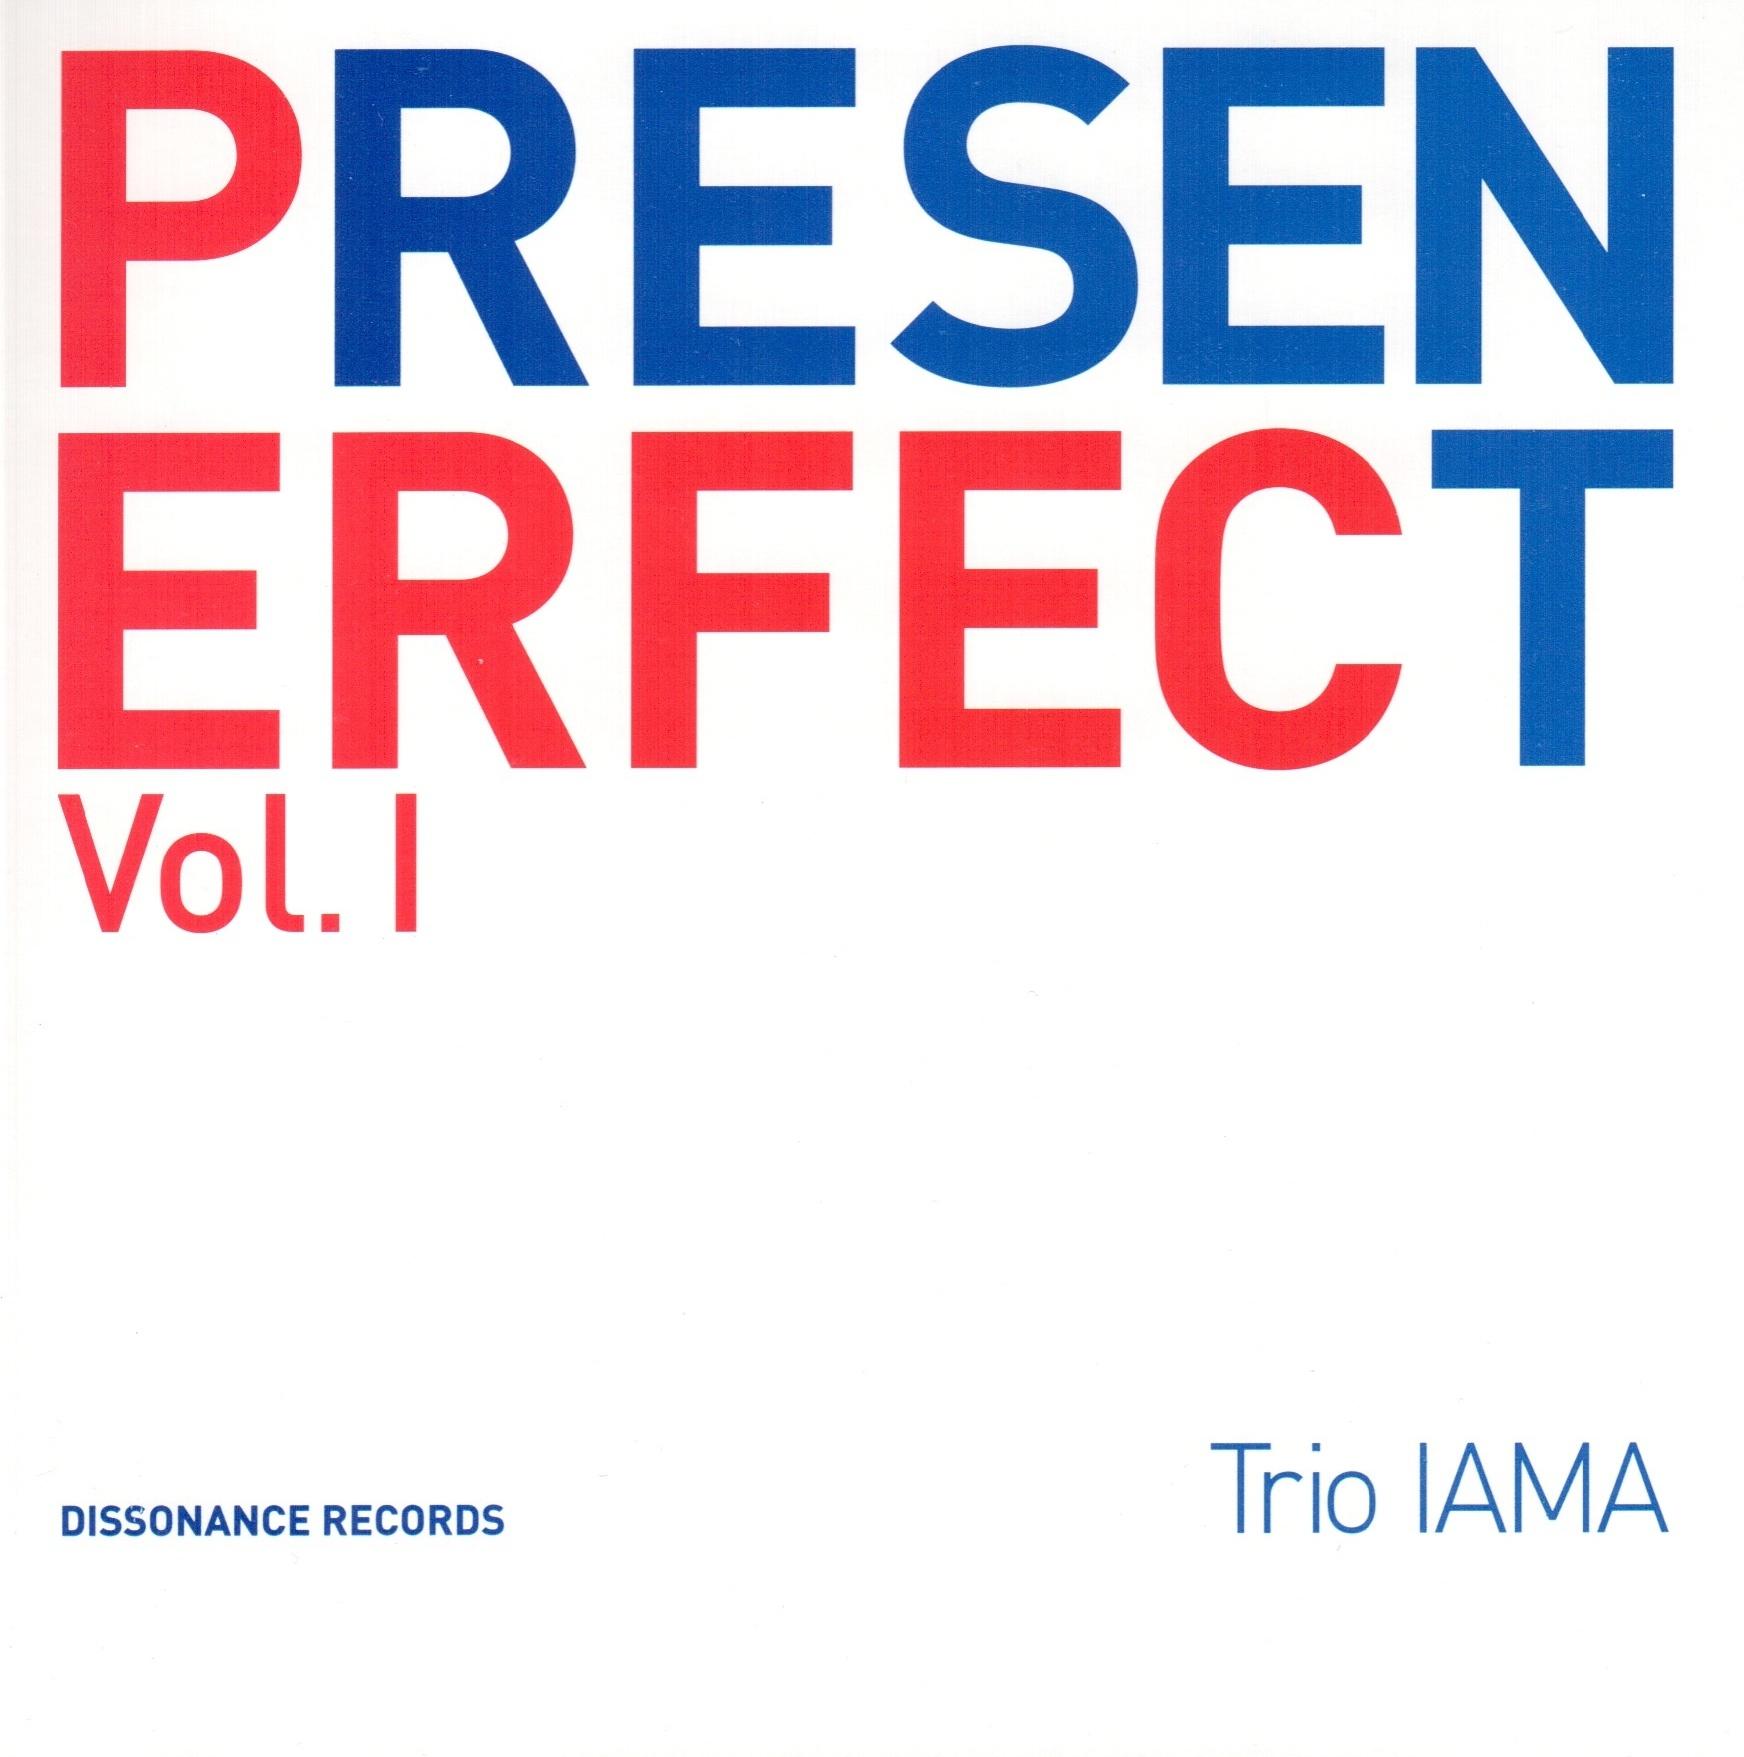 Trio Iama - Present Perfect Vol. I